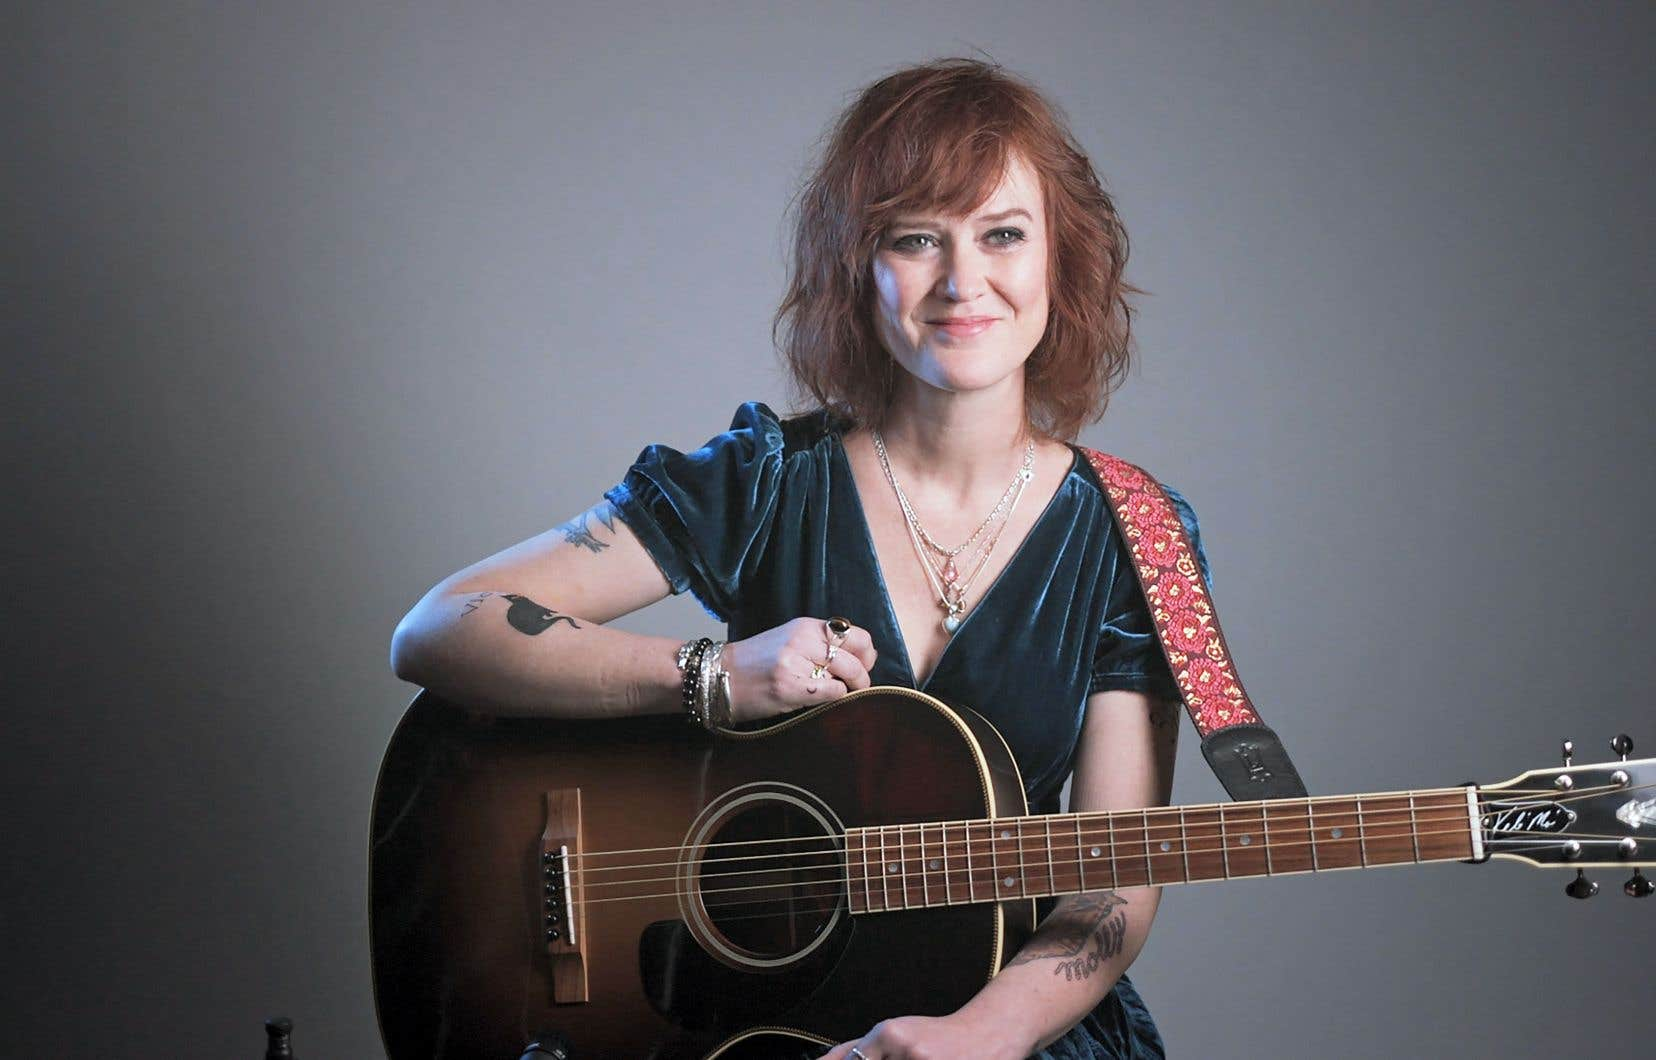 En 1999, lorsque l'album «Le chihuahua» paraît, Mara Tremblay n'est déjà plus une débutante depuis longtemps sur la scène musicale québécoise.